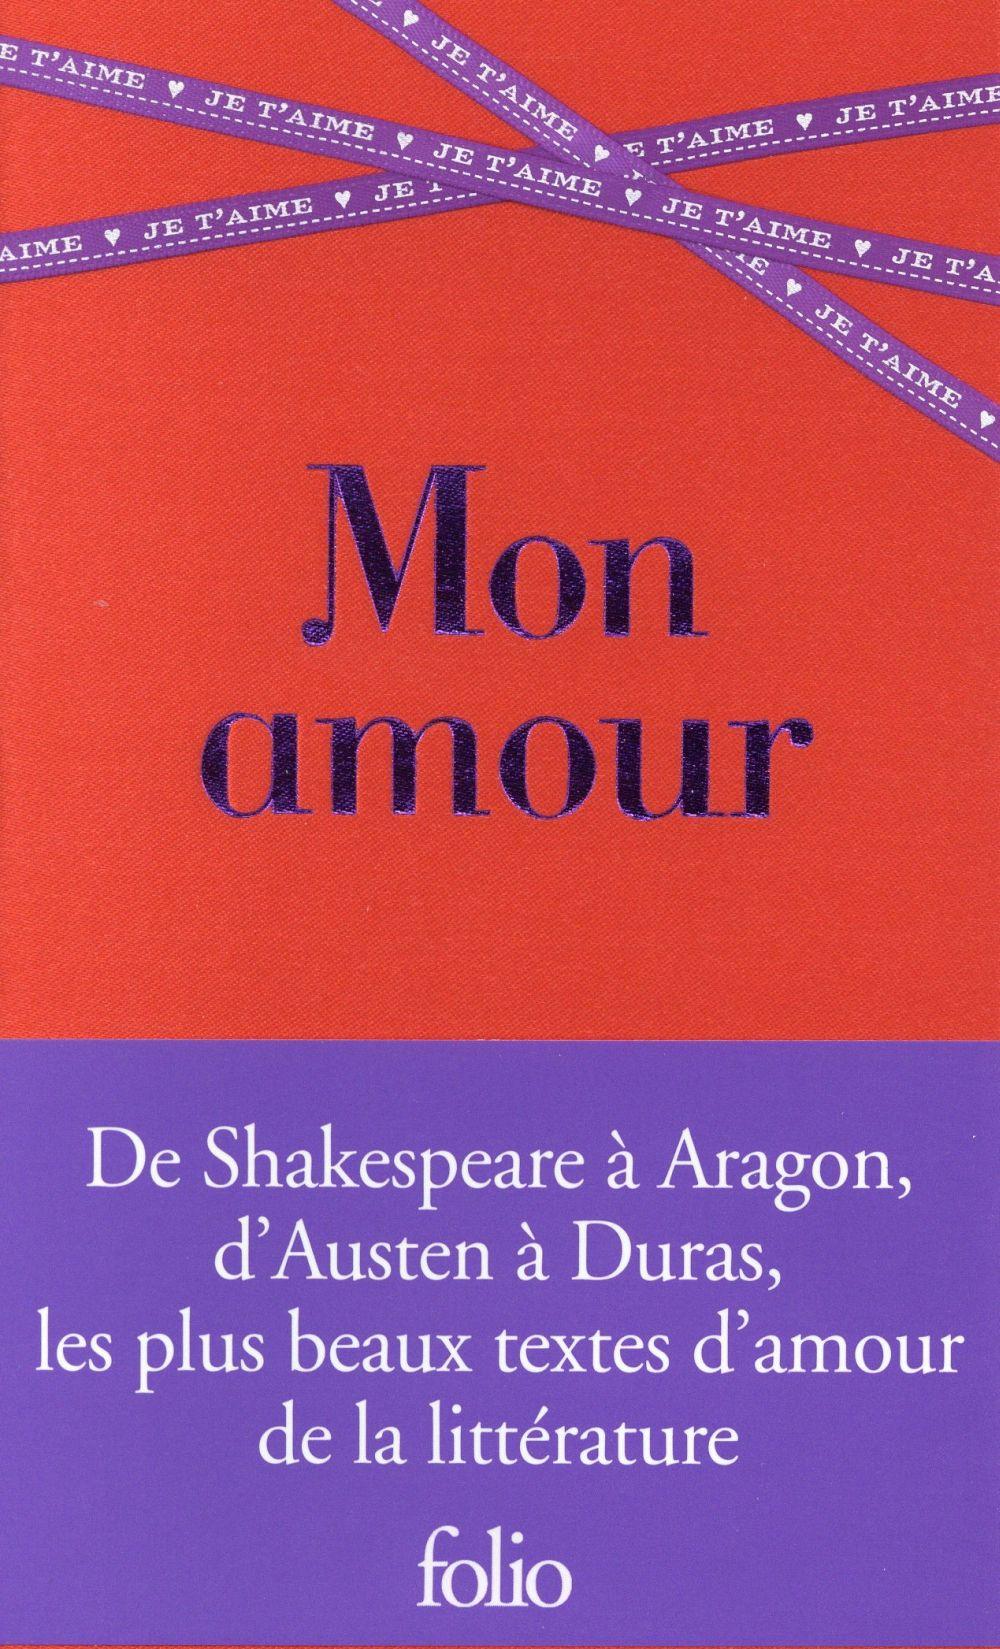 MON AMOUR - LES PLUS BEAUX TEXTES D'AMOUR DE LA LITTERATURE